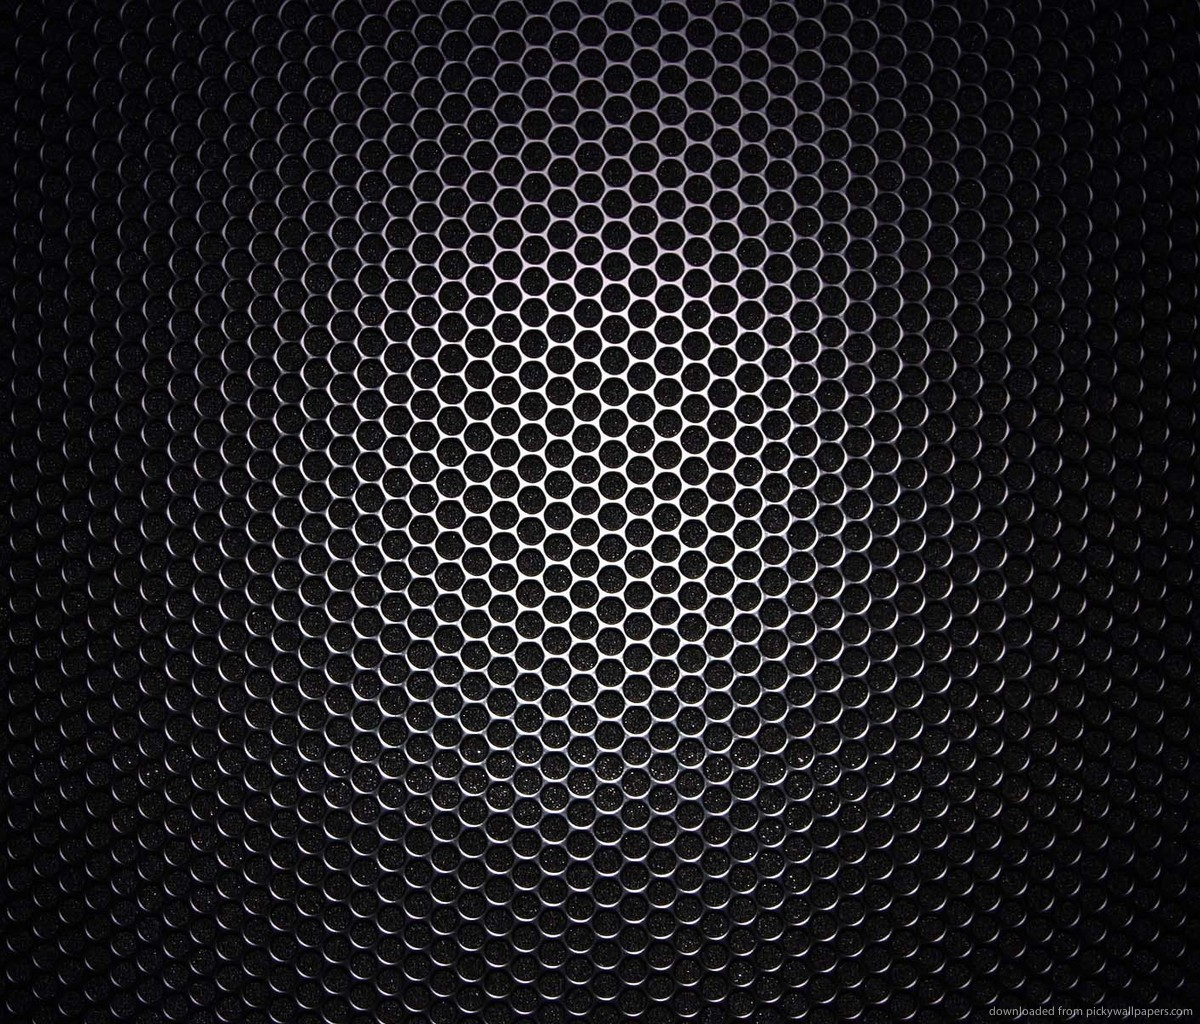 Download 5600 Koleksi Wallpaper Allah Samsung HD Terbaik